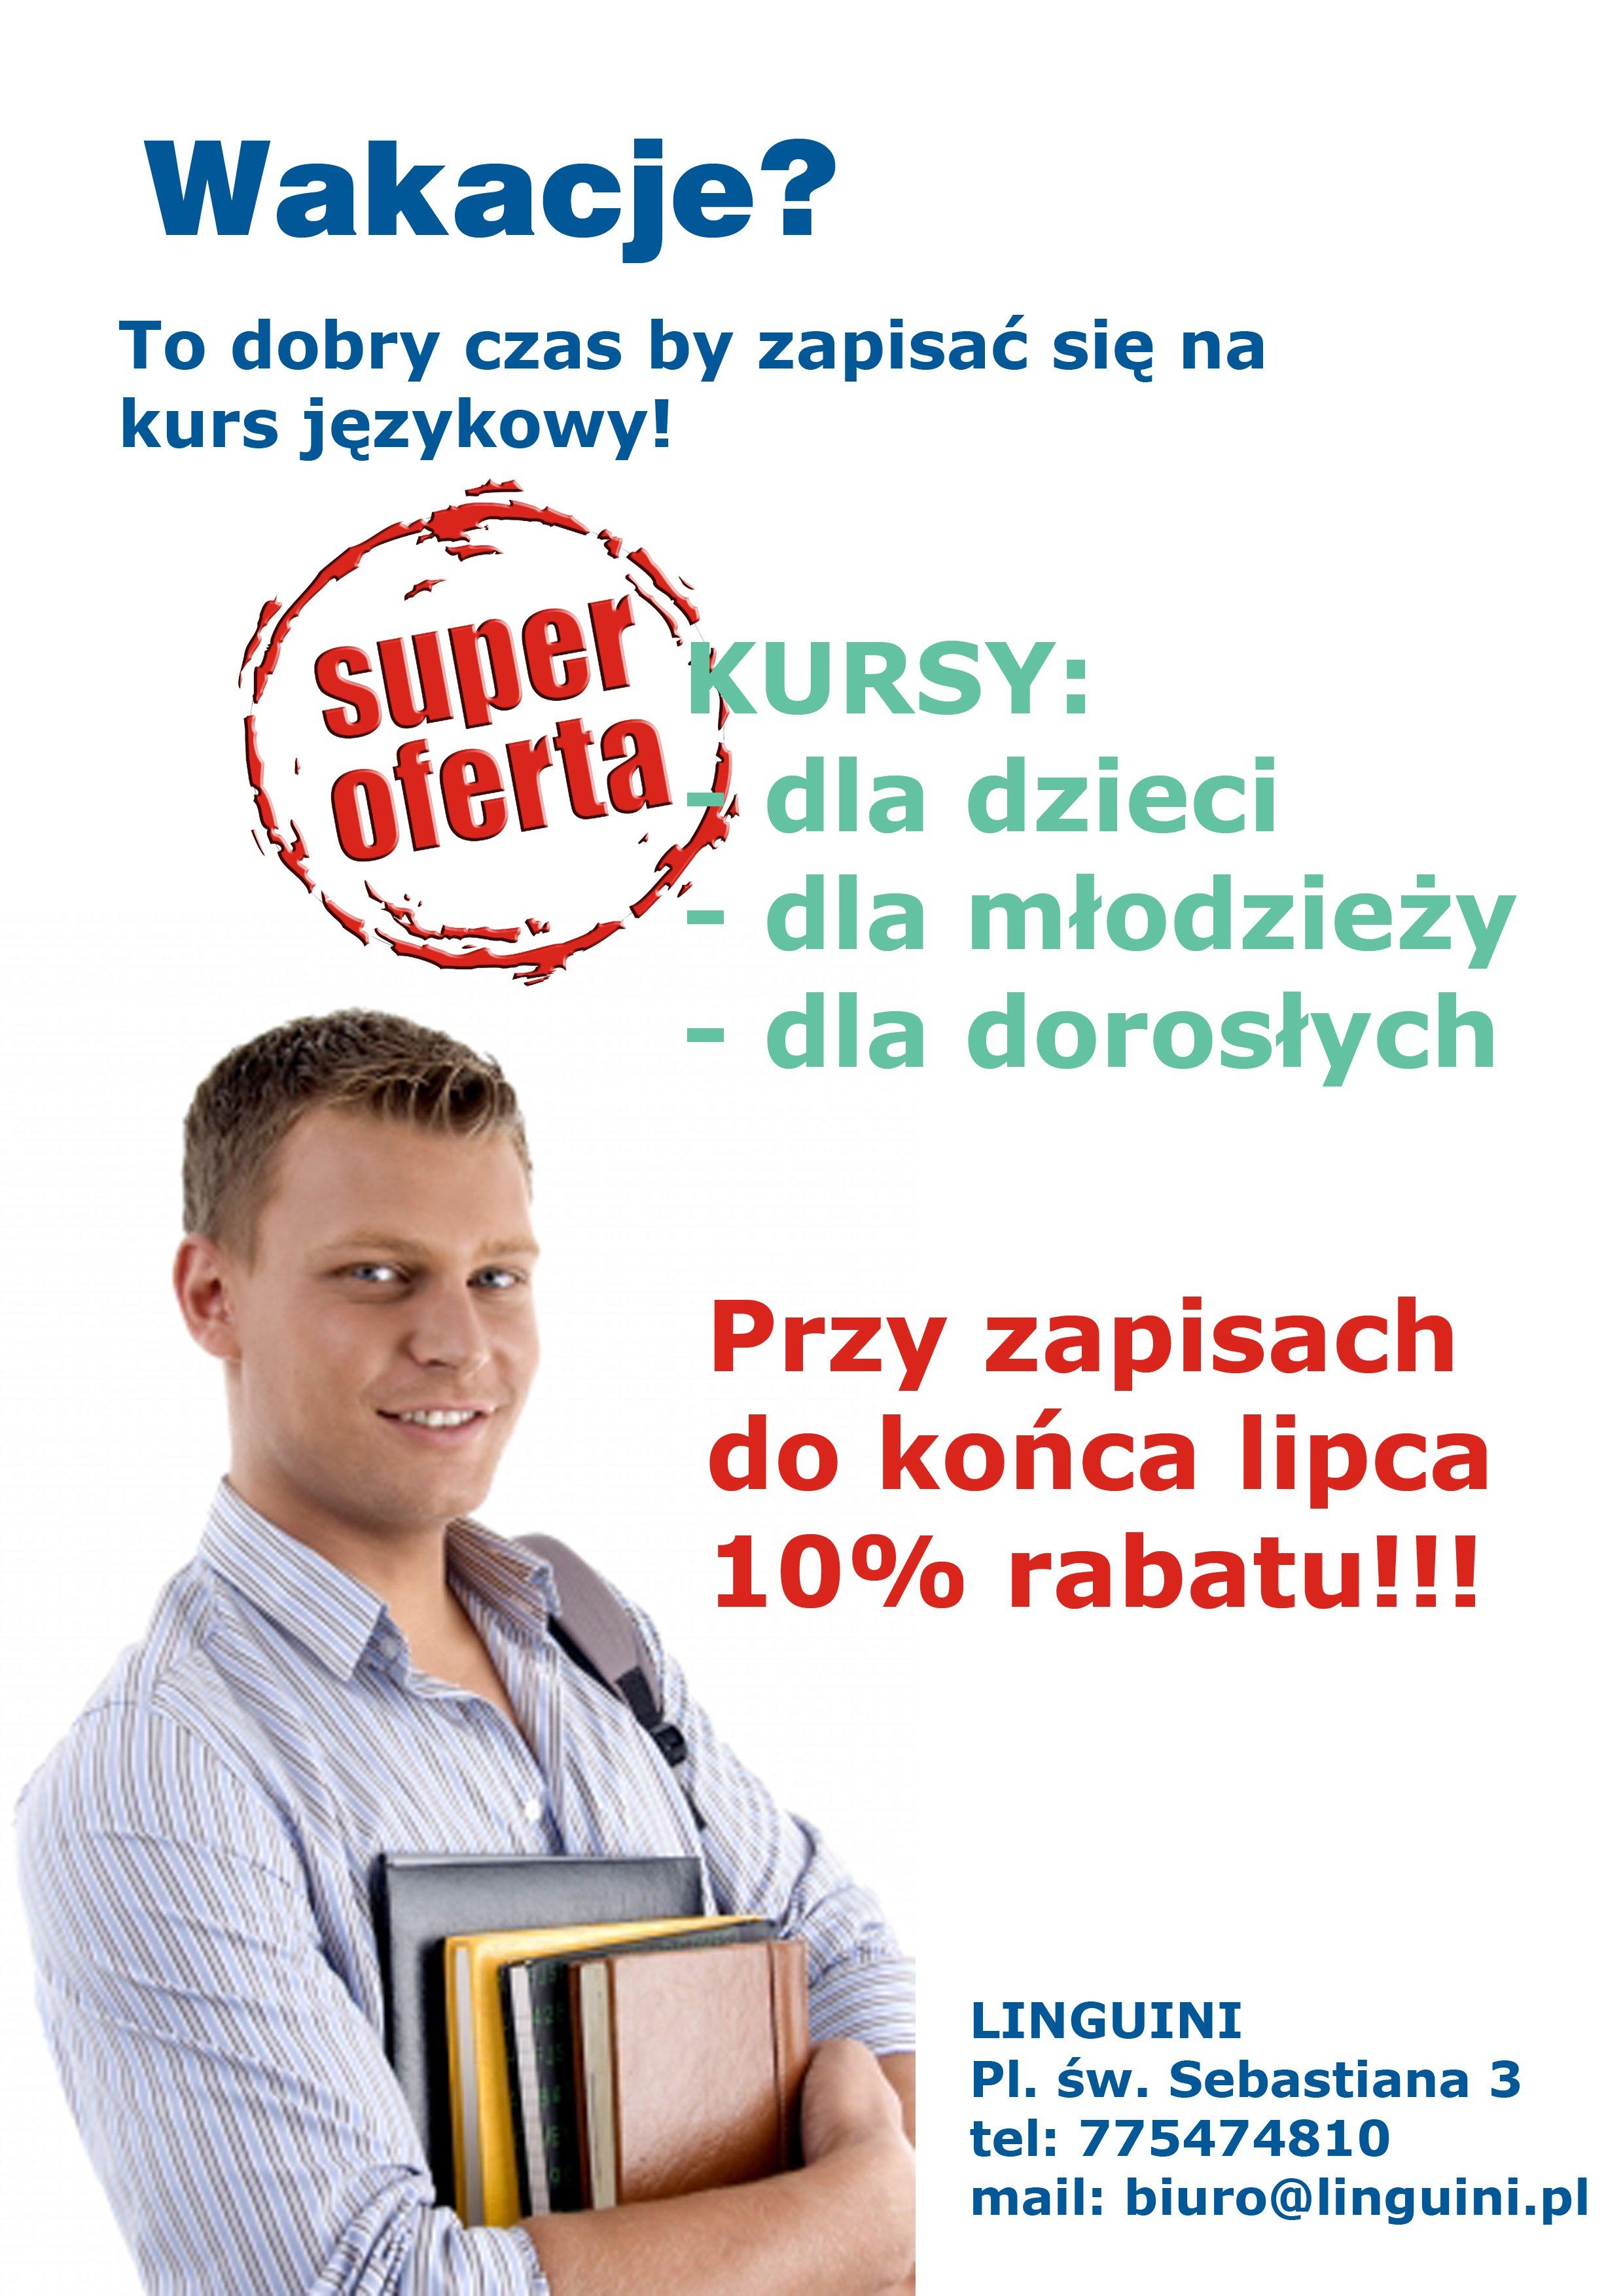 Gorąca oferta na kursy językowe!